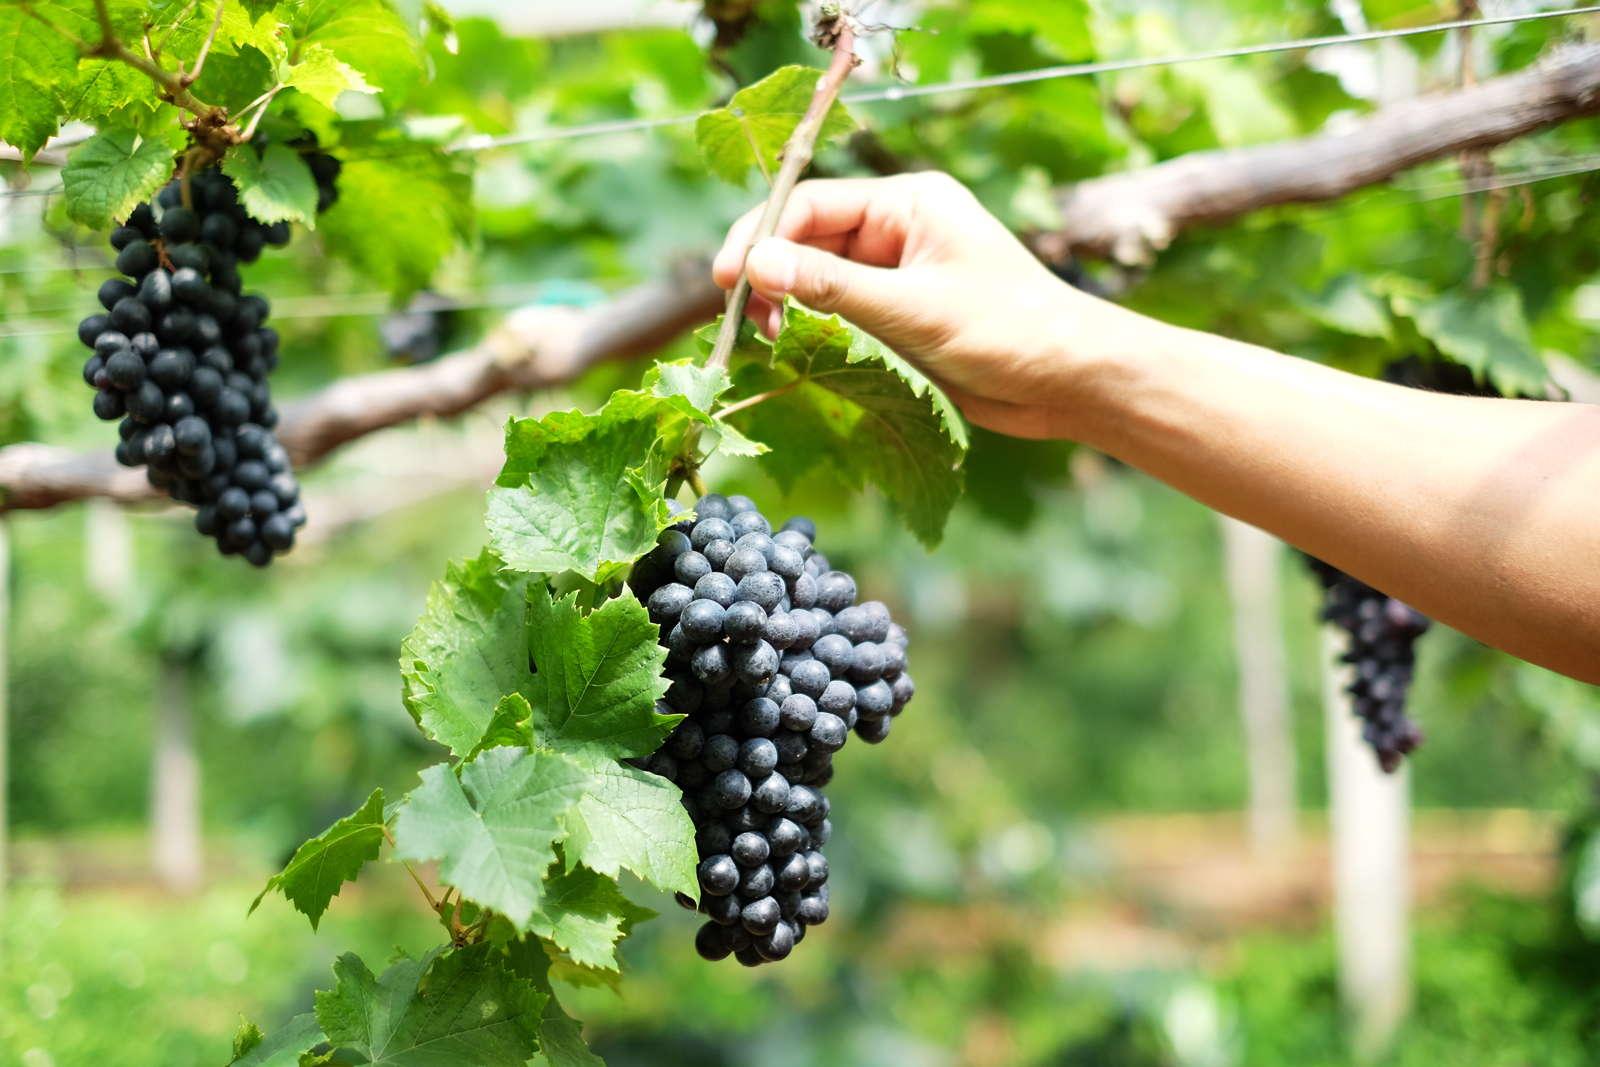 Ganz und zu Extrem Weinreben düngen: Anleitung & Experten-Tipps - Plantura #OS_57